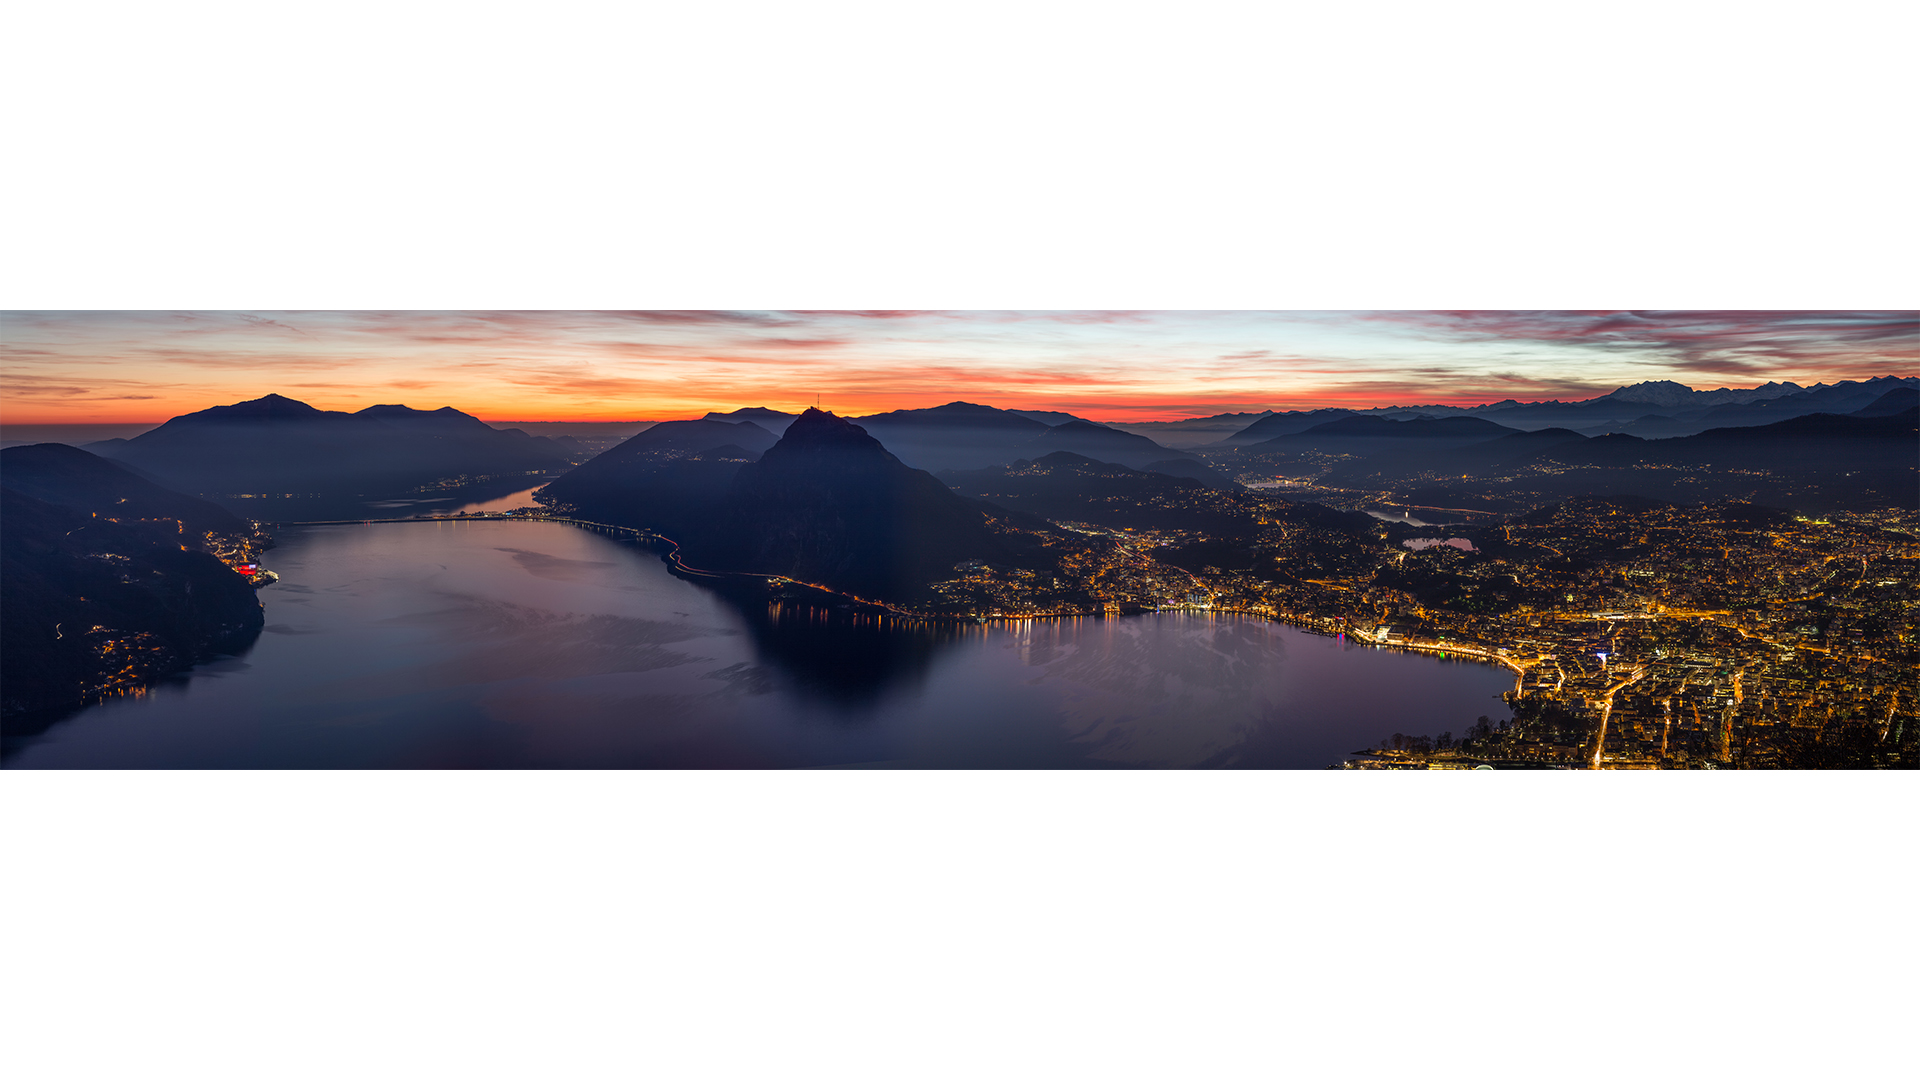 Lugano pano.jpg